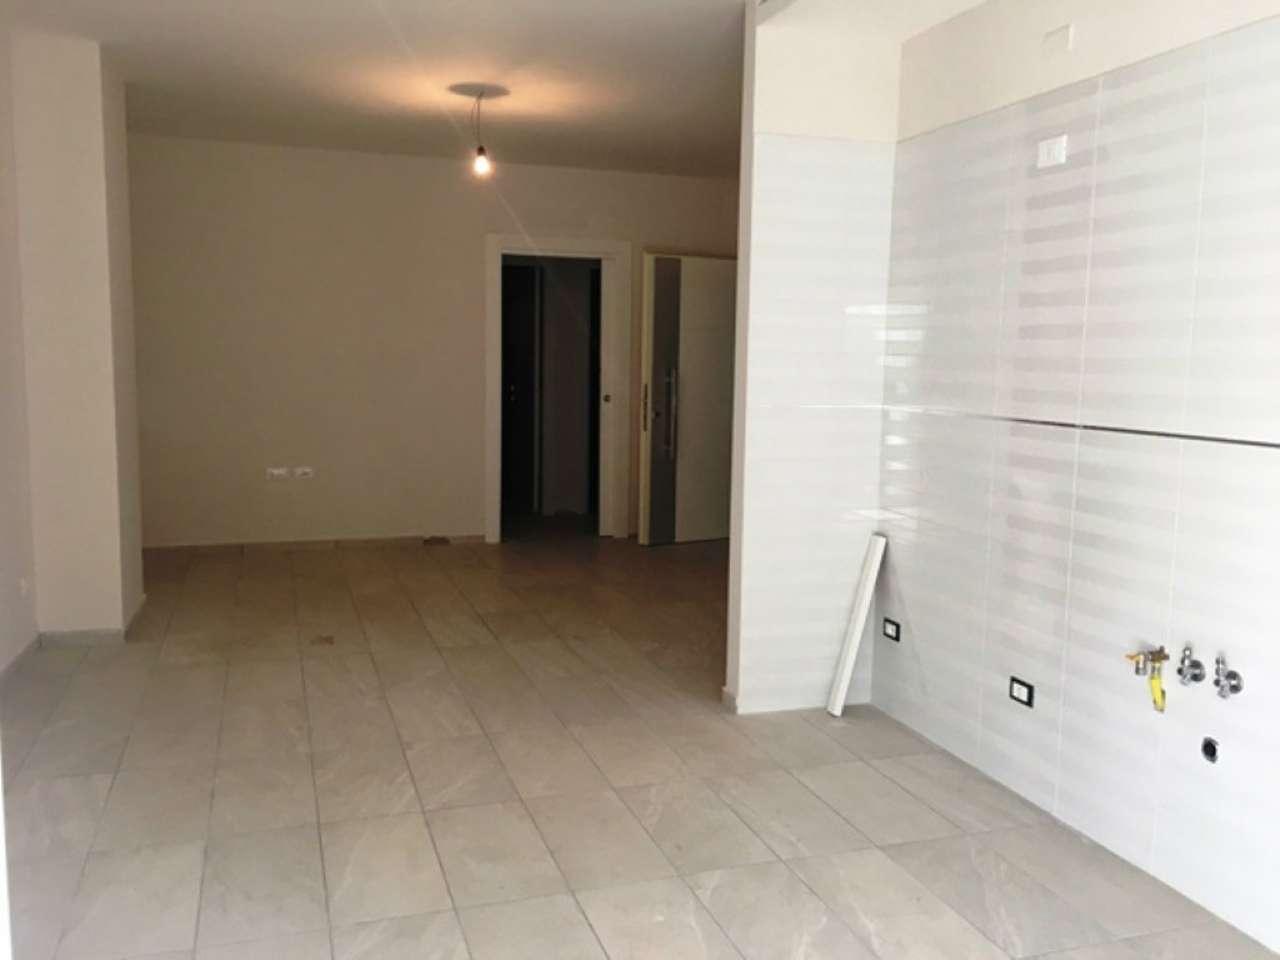 Appartamento in vendita a Marigliano, 3 locali, prezzo € 165.000   Cambio Casa.it